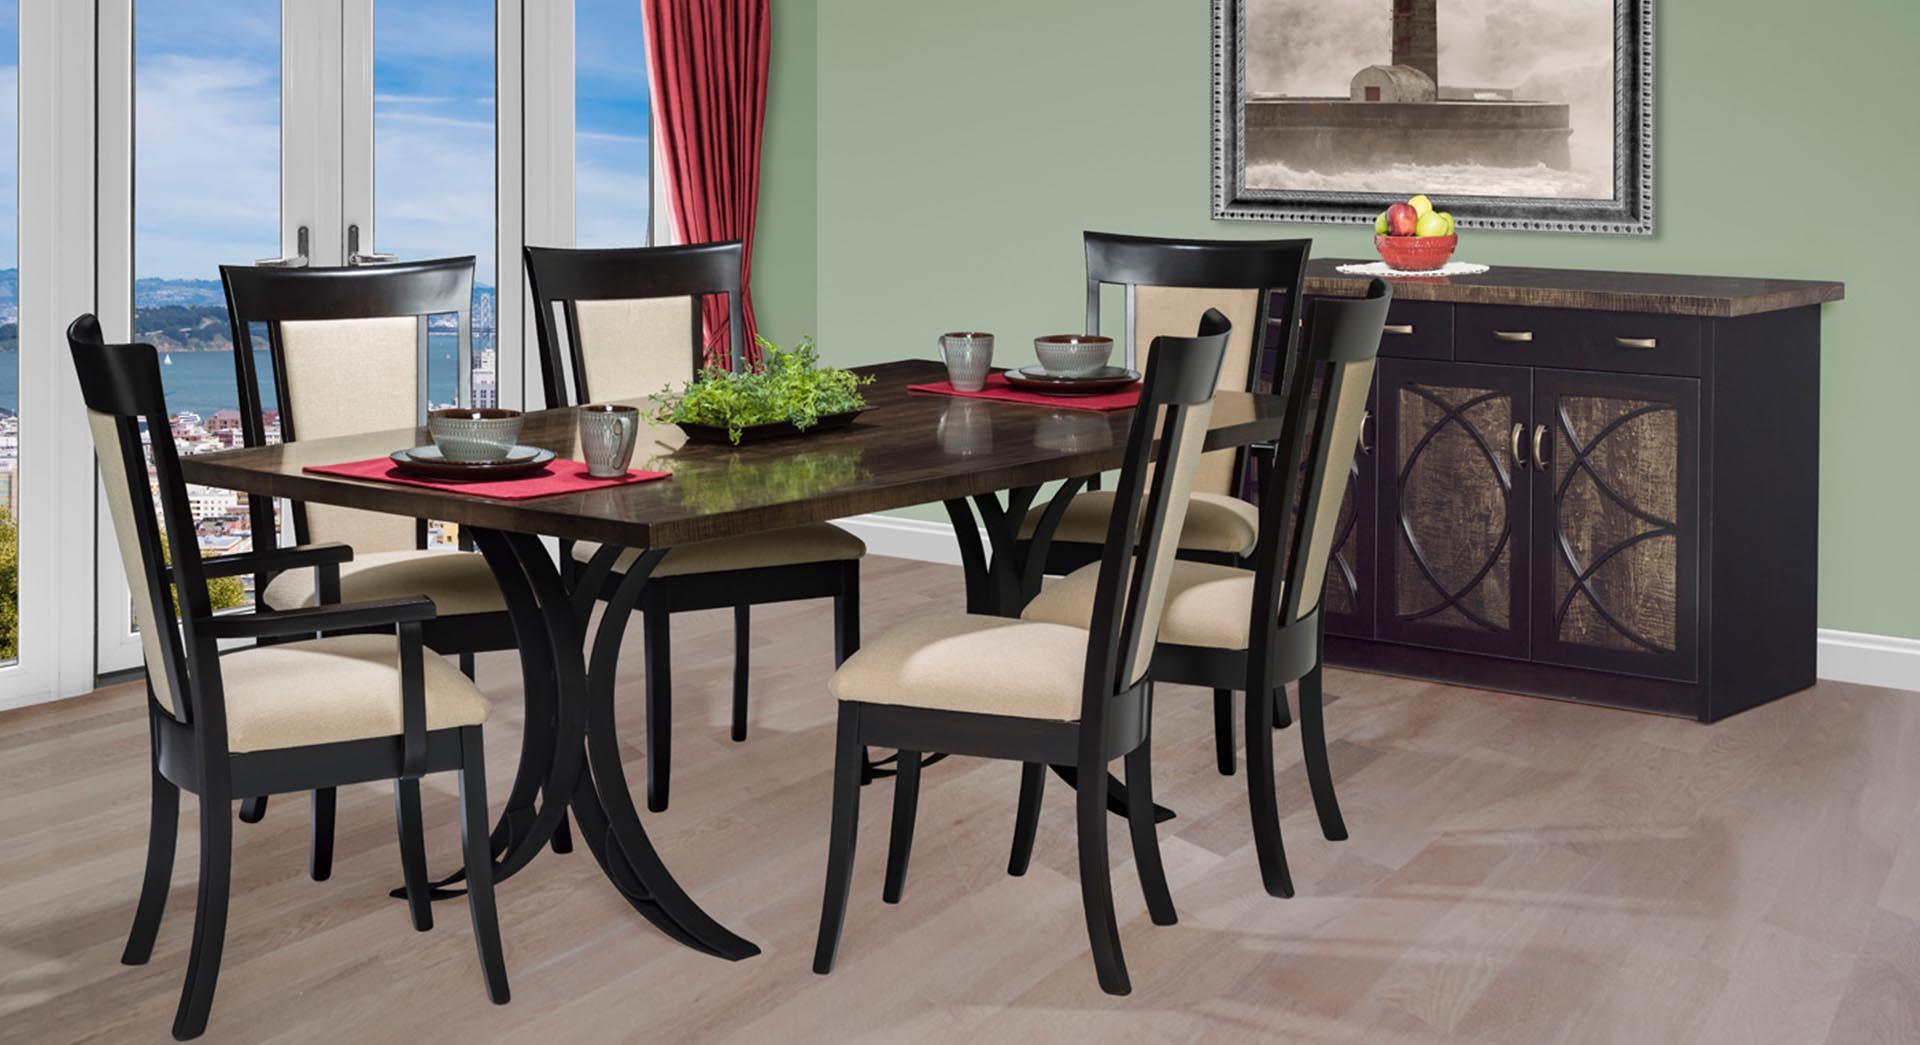 yosemite-dining-set-amish-furniture